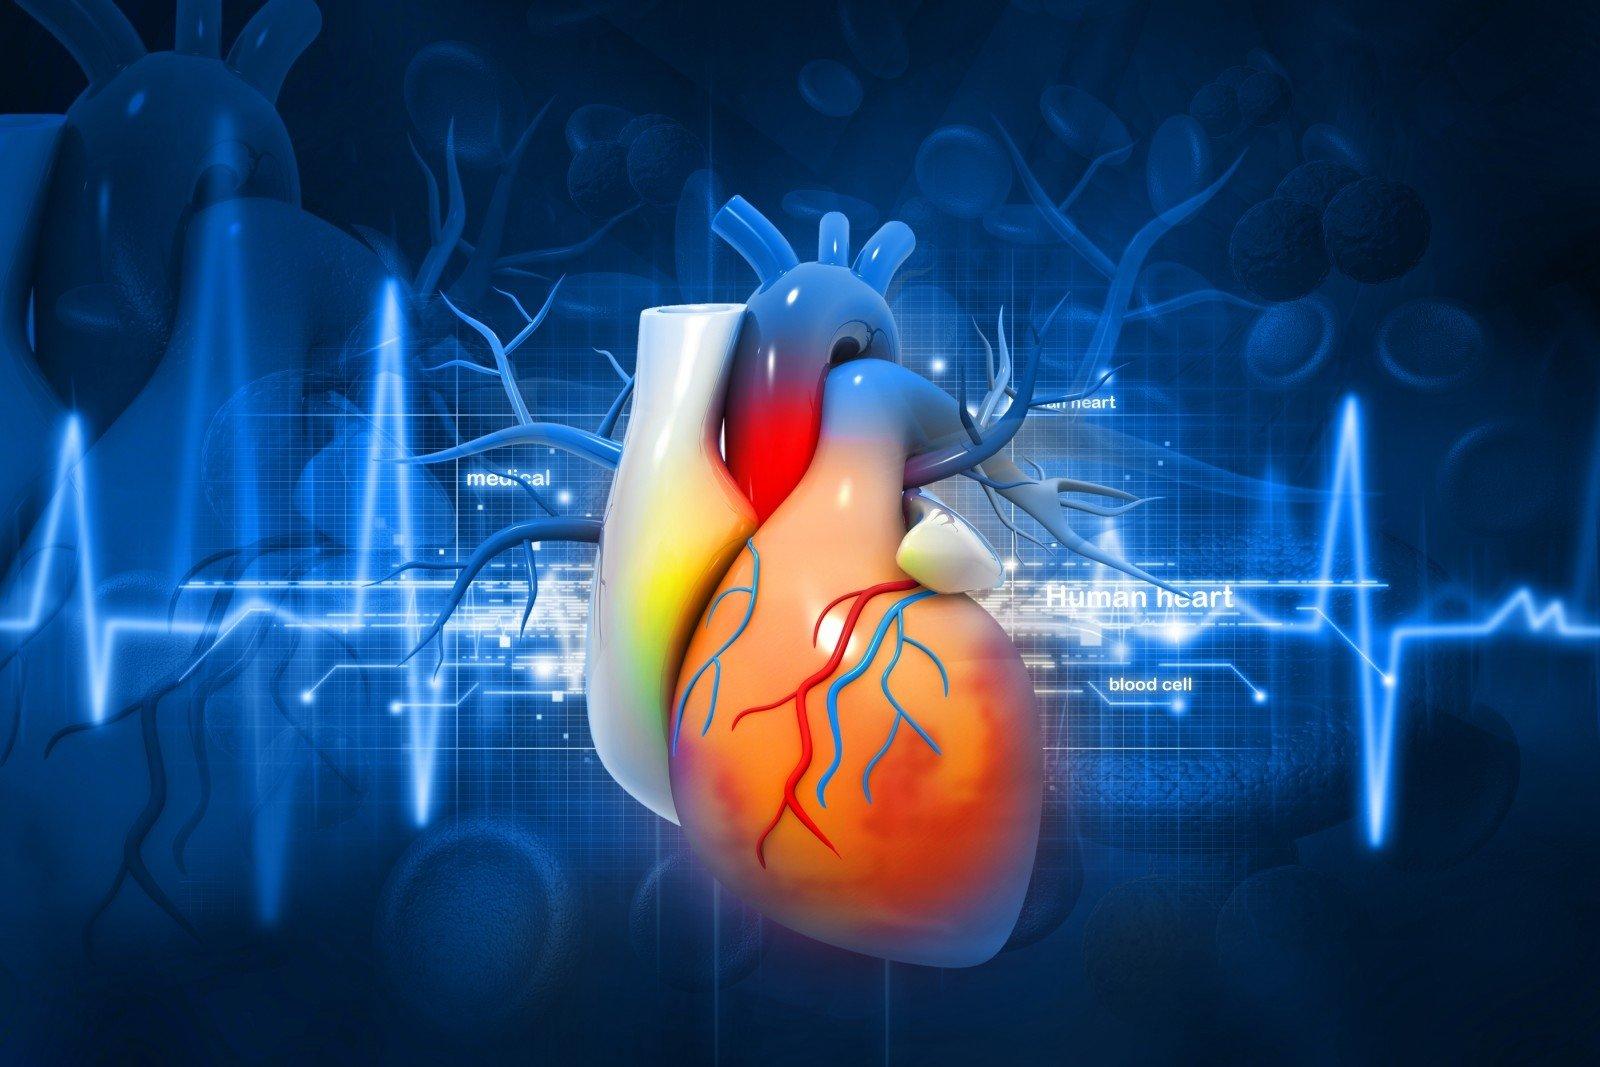 geros širdies sveikatos